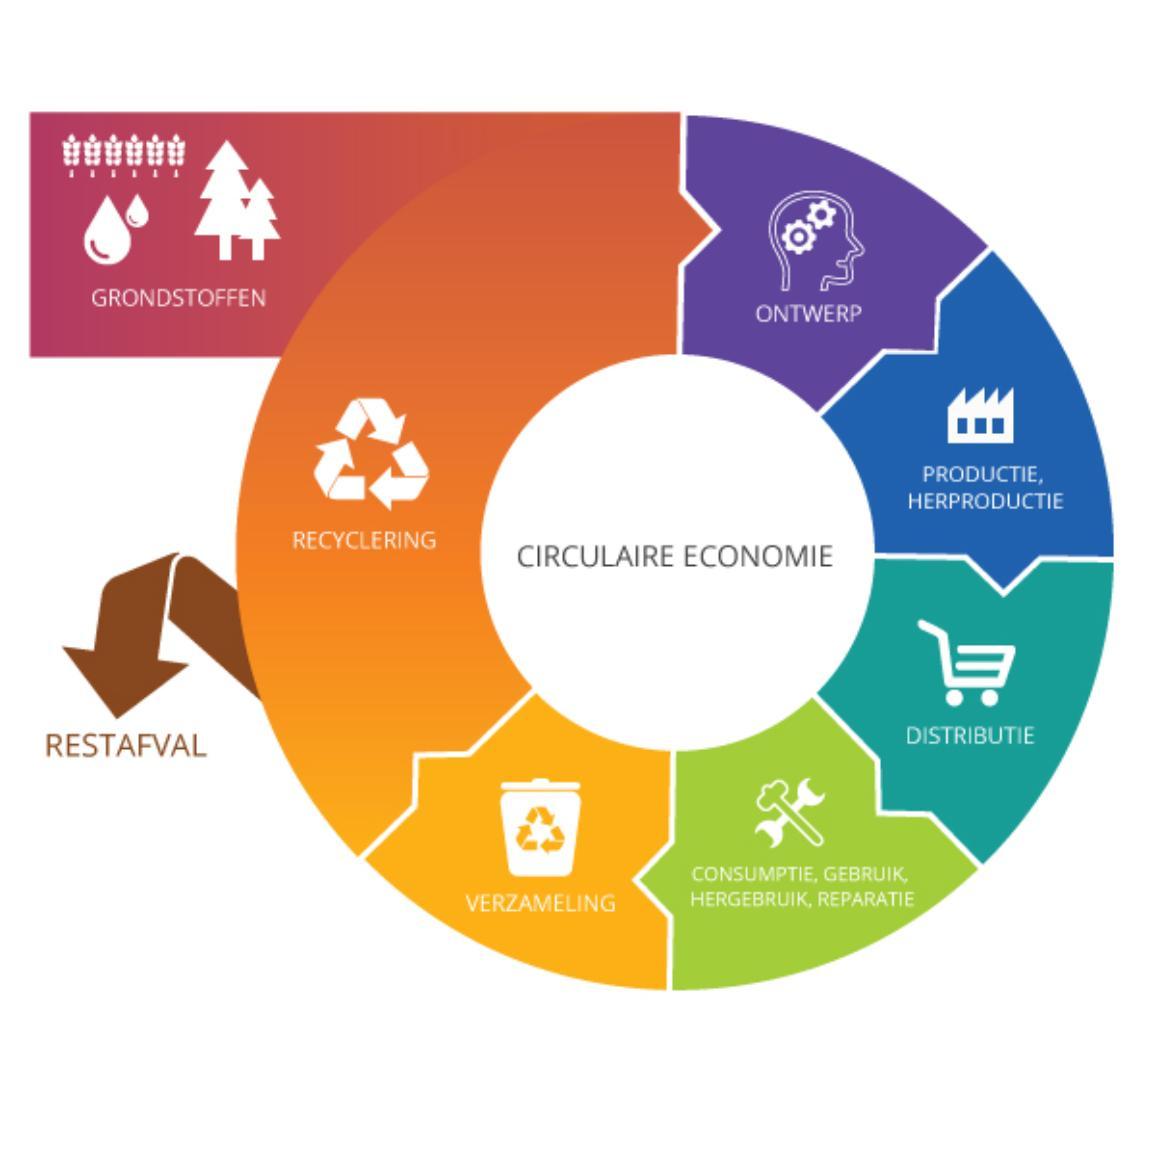 Circulaire economie infografiek